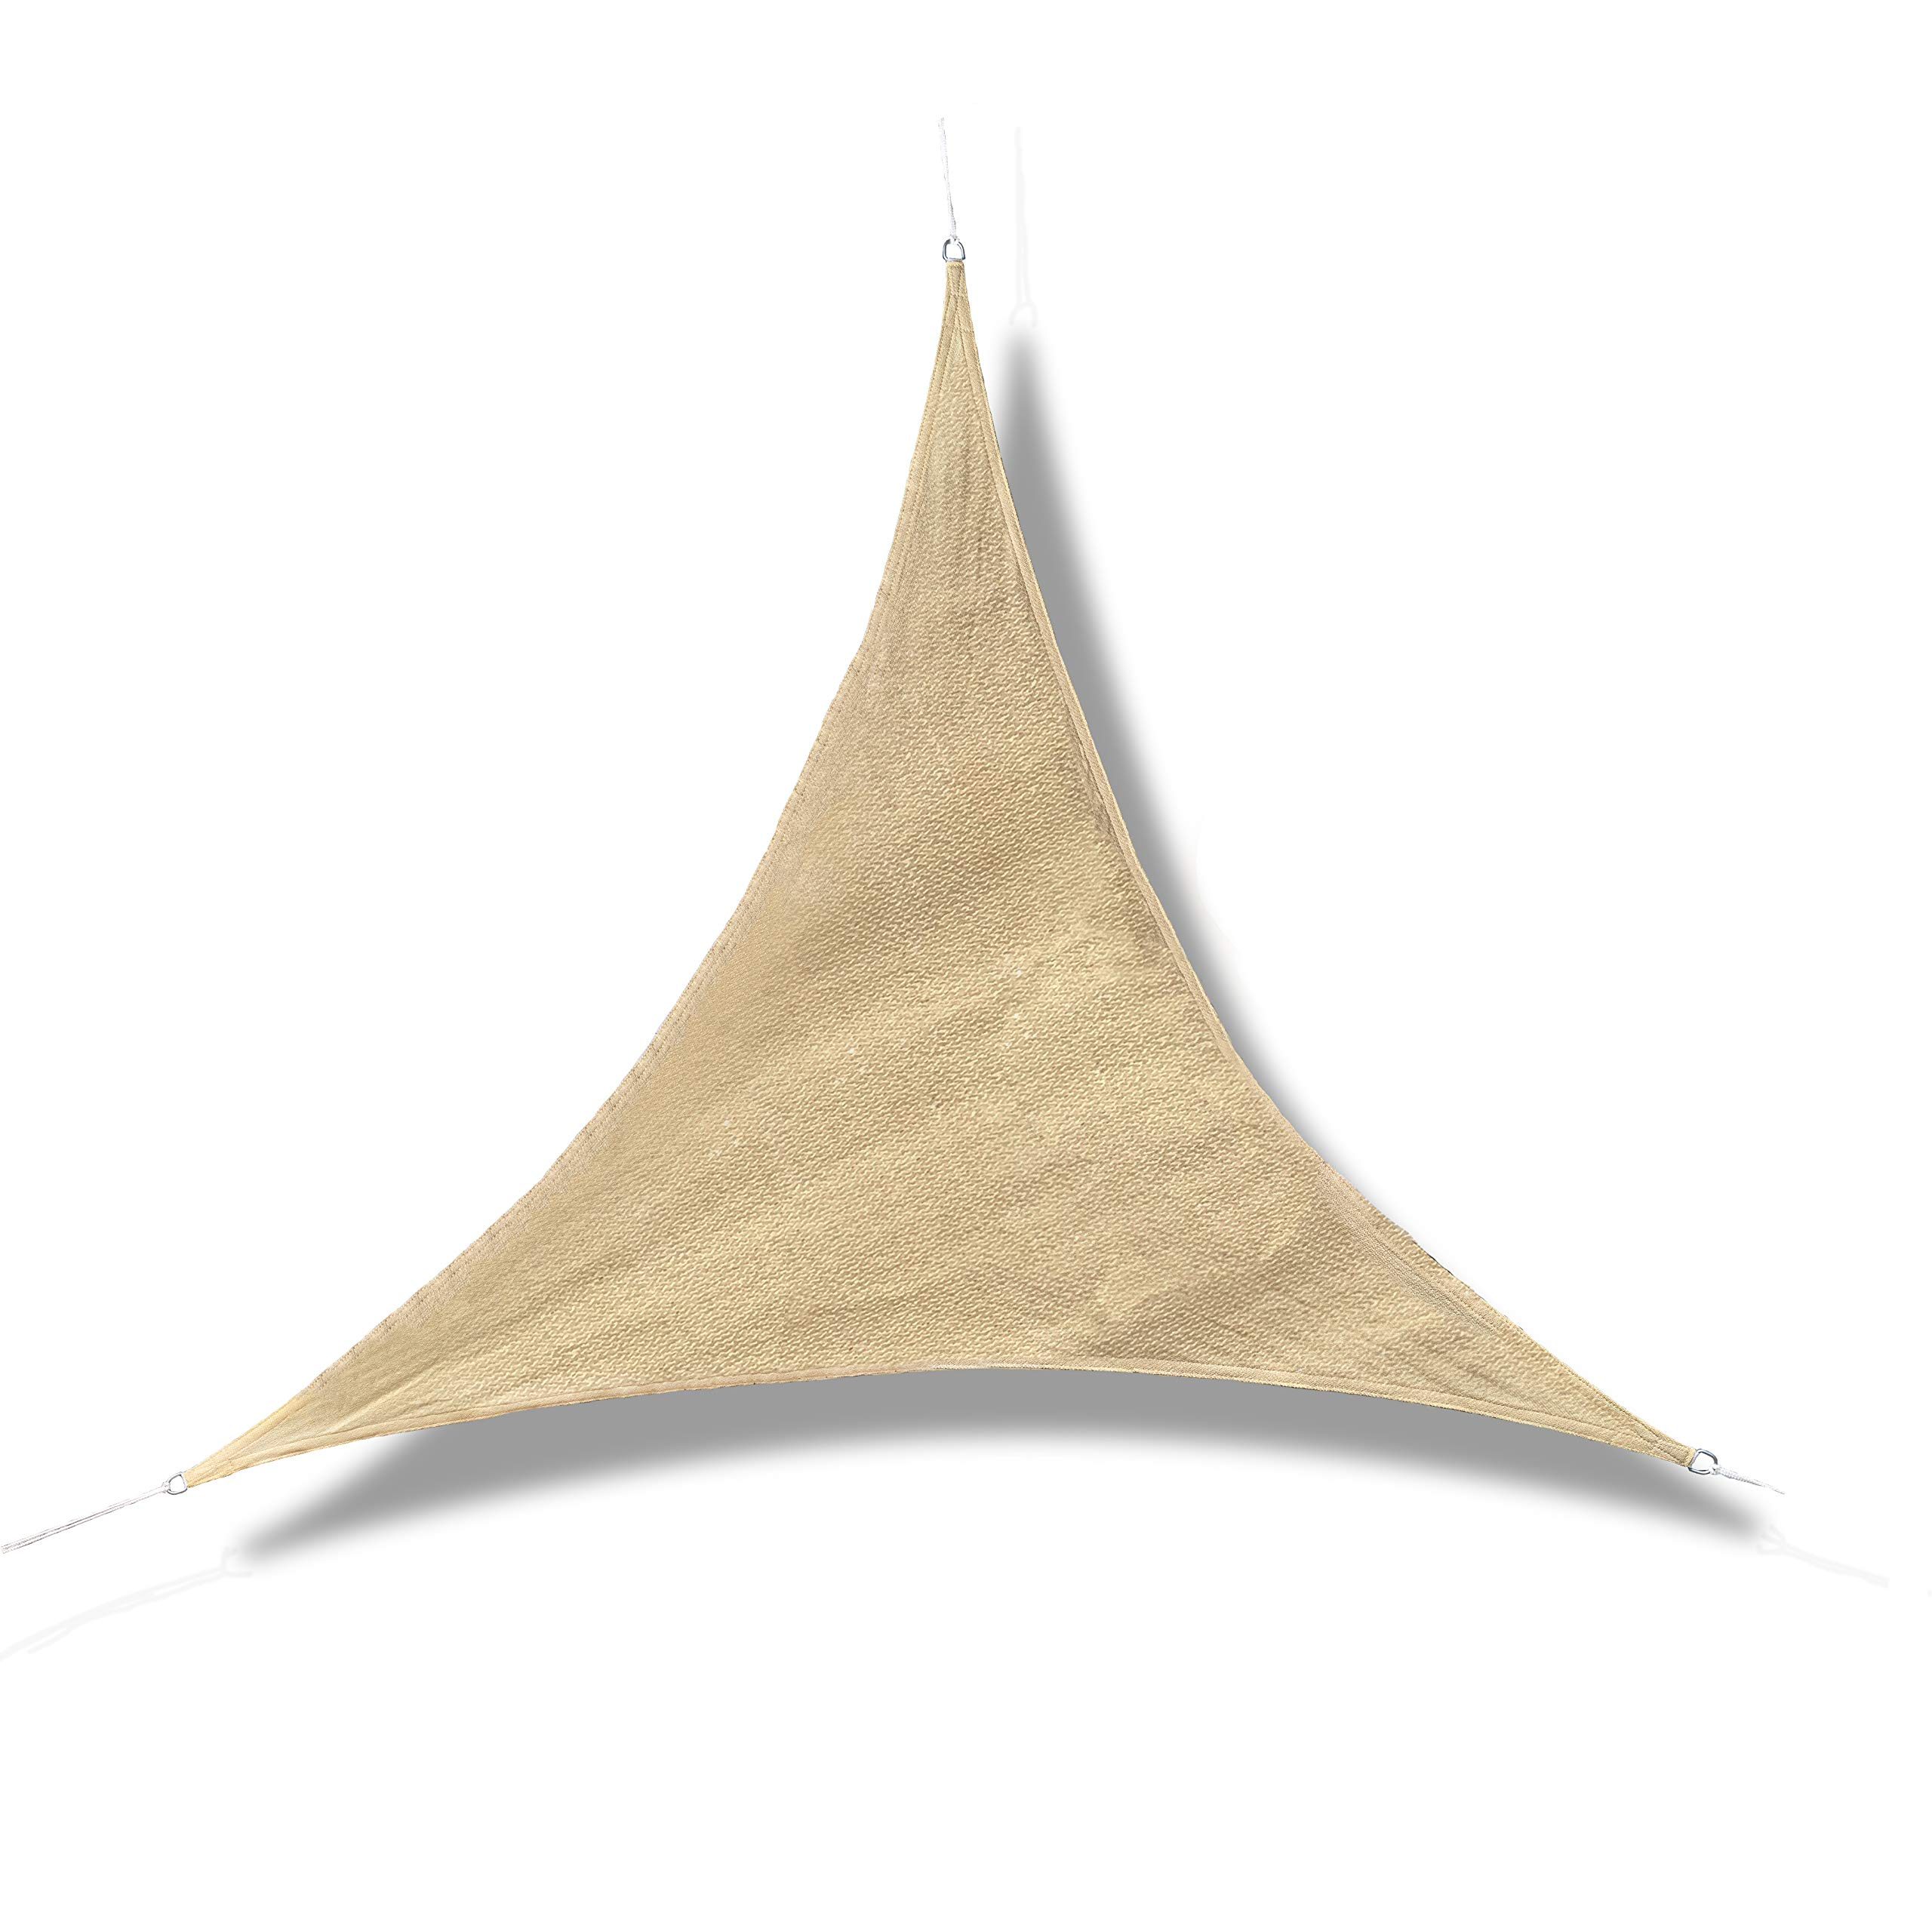 GE-UZ Toldo Vela Triangular | 3, 6x3, 6x3, 6 | Toldo Vela De Sombra | Protección De Rayos UV | Toldos para jardín, Piscina y Terraza | Todo Incluido | Color Arena | Tela Para Exteriores: Amazon.es: Jardín